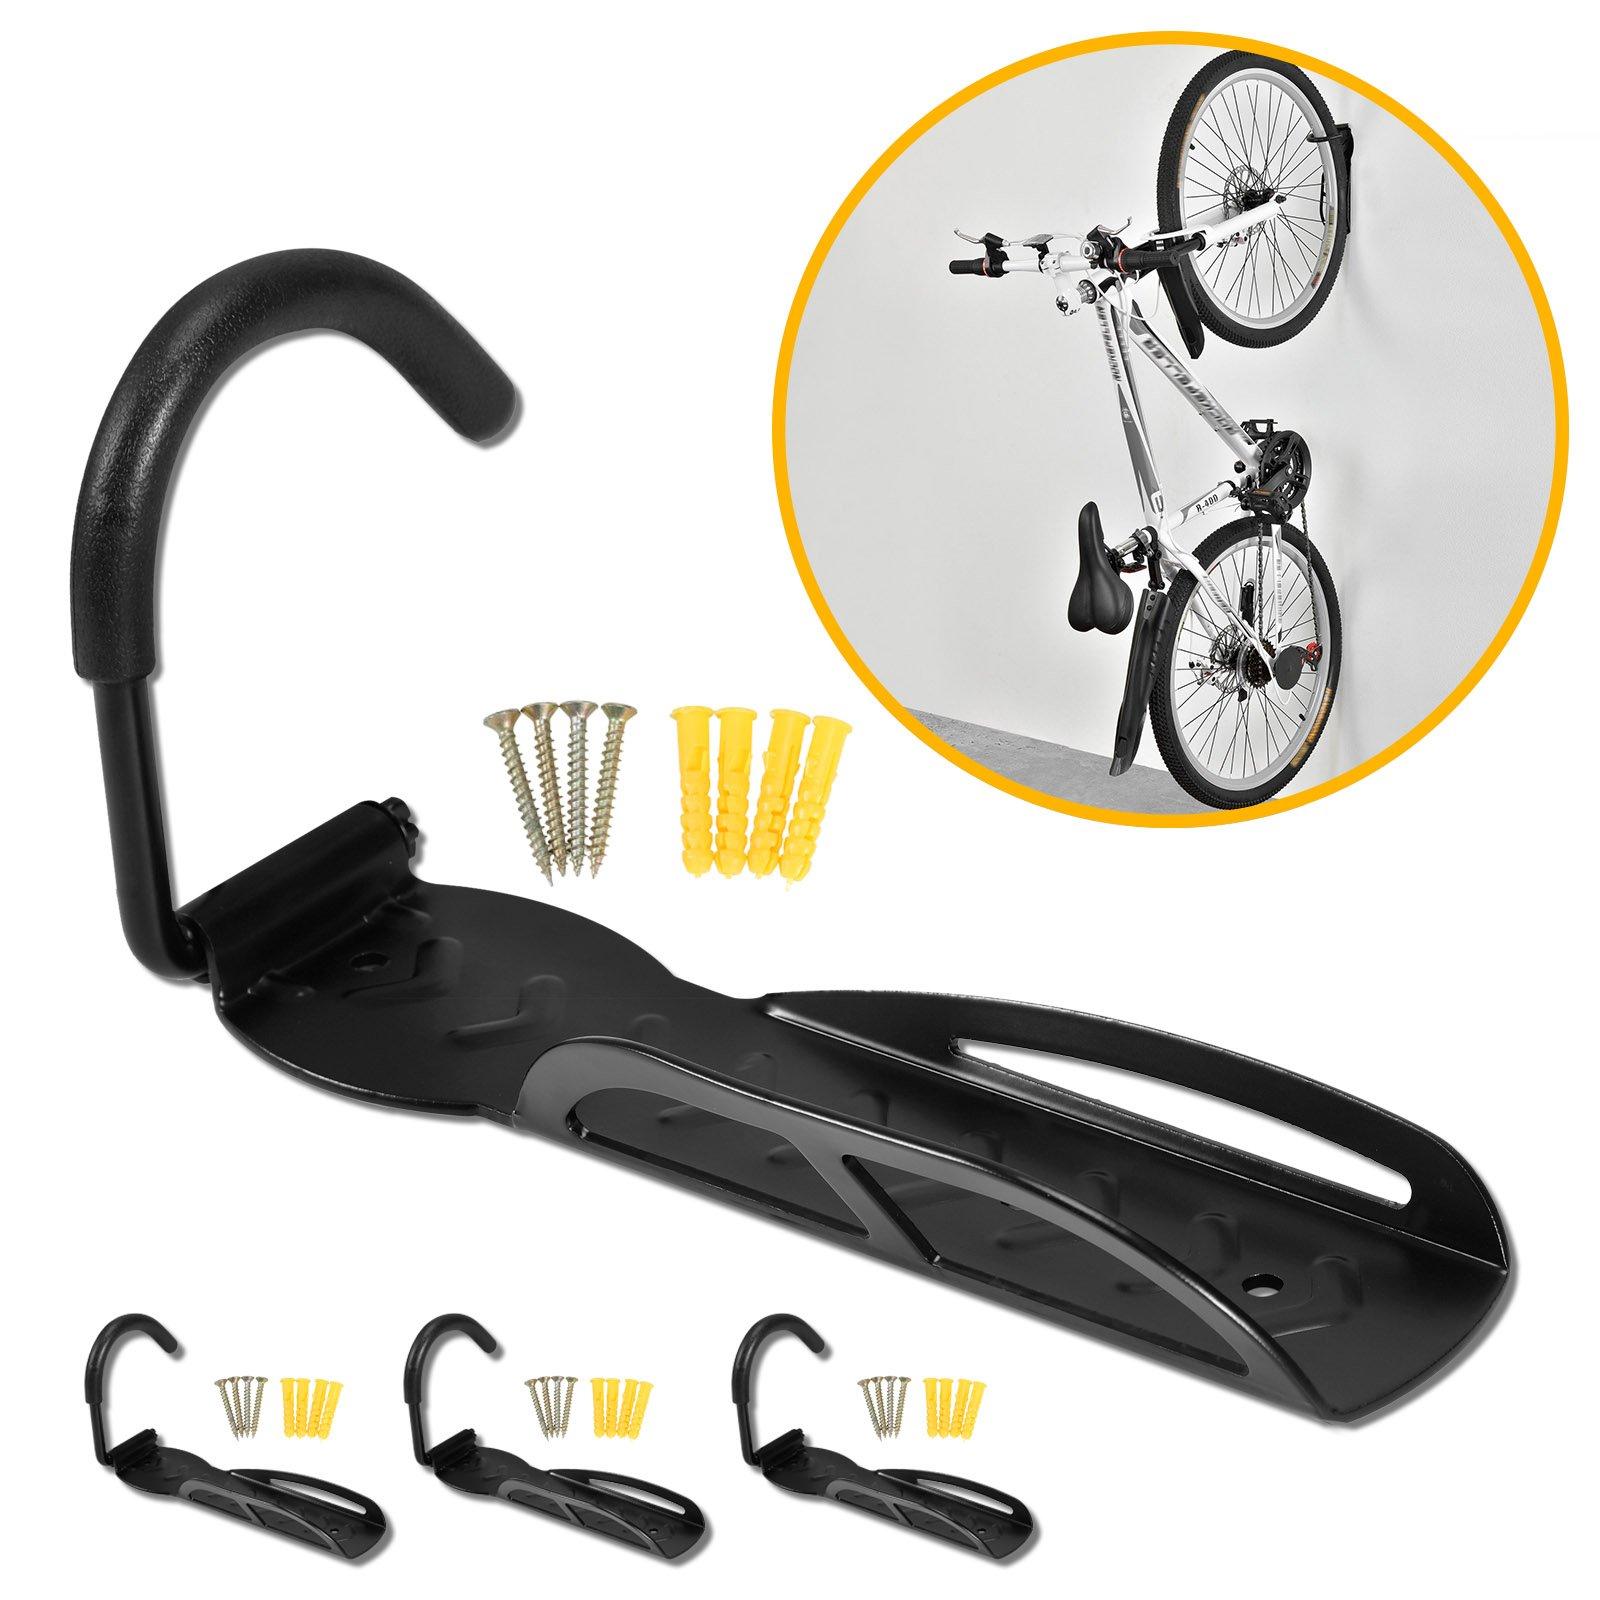 voilamart 4 x soporte de pared bicicleta gancho Soporte de pared bicicleta suspensión para colgar negro: Amazon.es: Deportes y aire libre